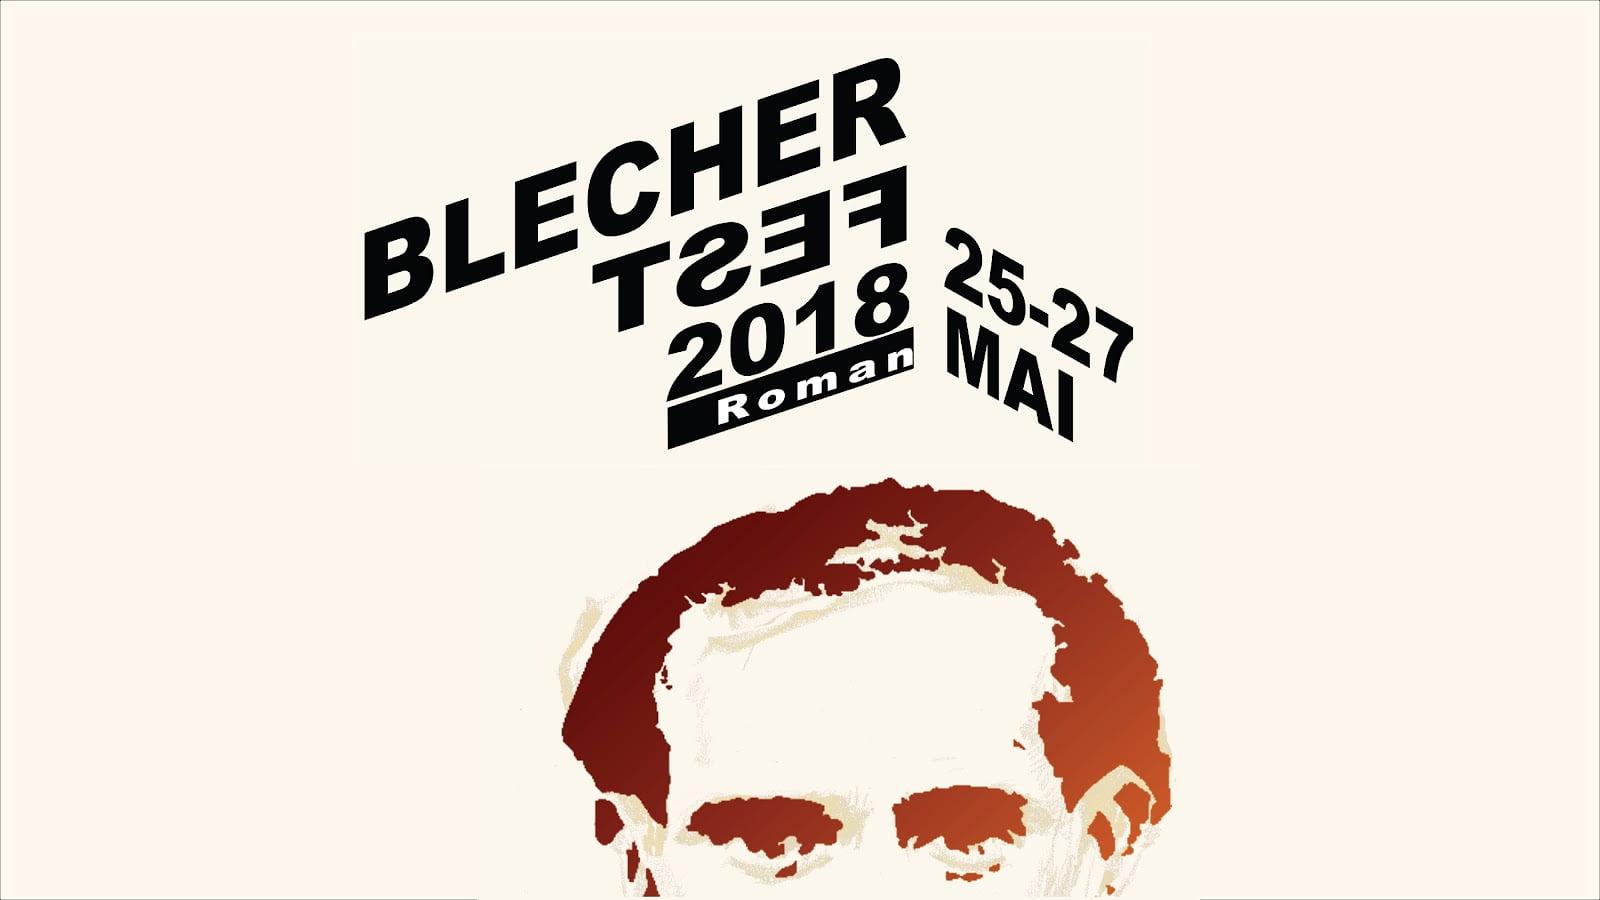 Vineri începe la Roman a doua ediție a festivalului cultural internațional Blecher Fest